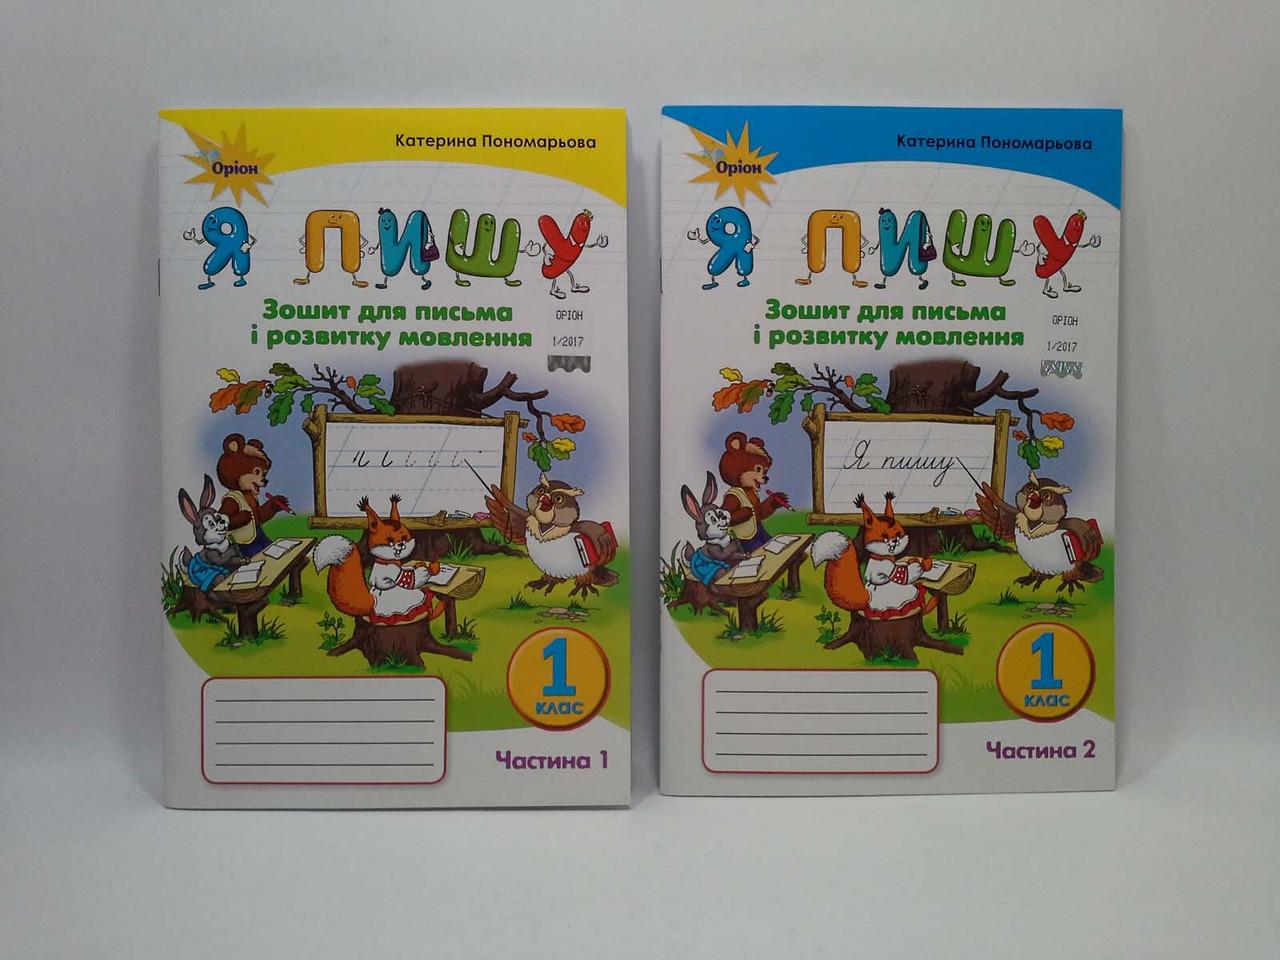 Зошит для письма і розвитку мовлення Я пишу 1 клас в 2-х частинах Пономарьова Оріон